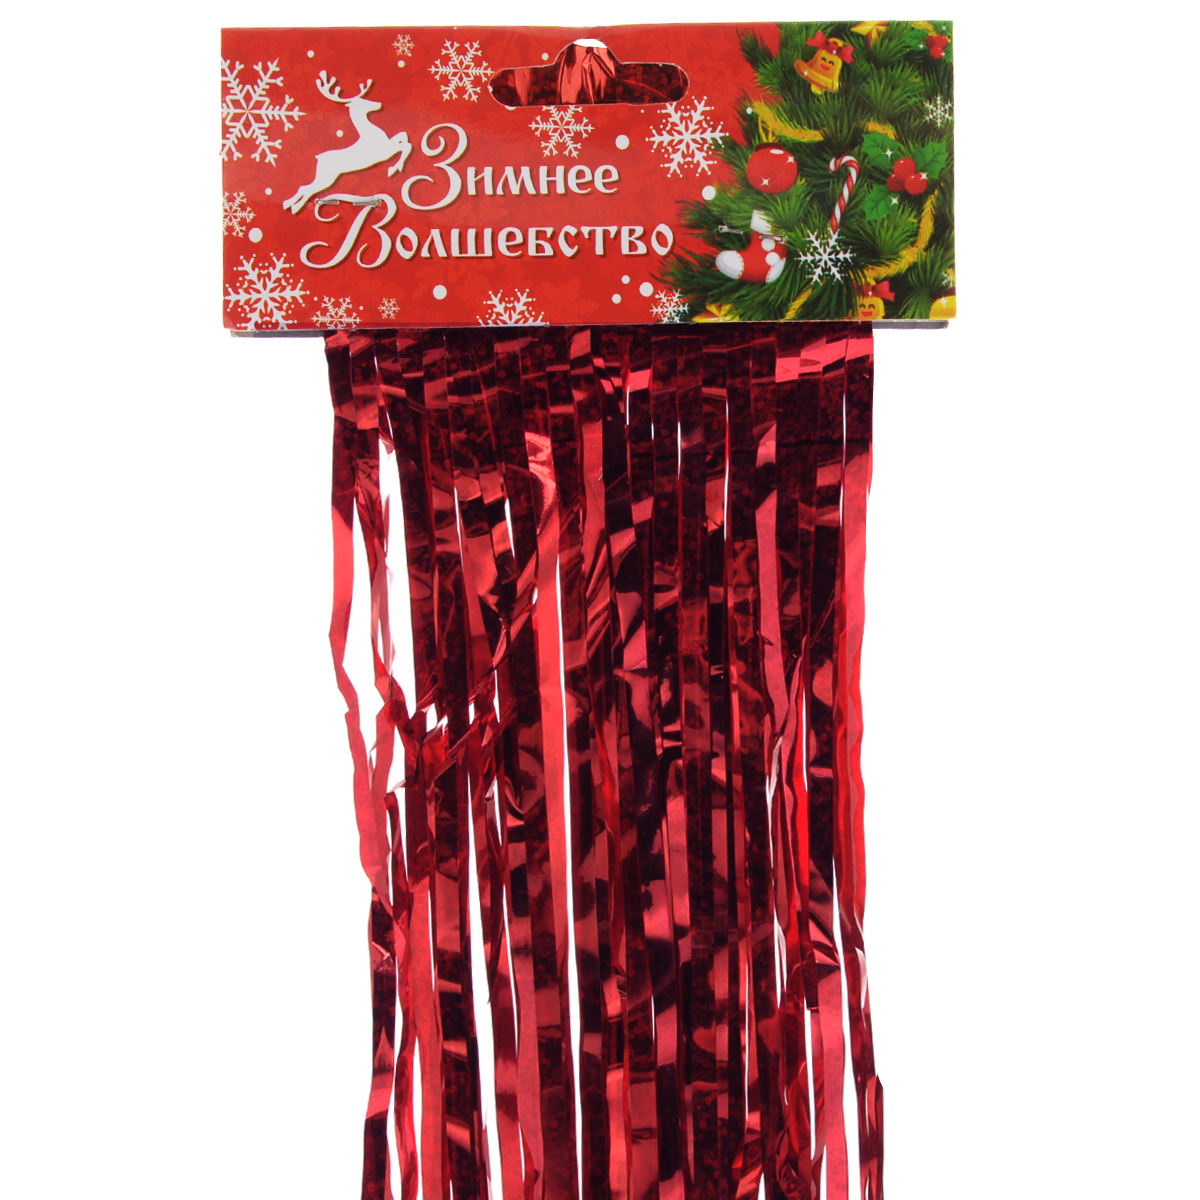 Дождик новогодний Sima-land, цвет: красный, 15 х 100 см. 702534702534Дождик новогодний Sima-land, изготовленный из фольги, поможет вам украсить свой дом к предстоящим праздникам. Новогодняя елка с таким украшением станет еще наряднее. Новогодним дождиком можно украсить все, что угодно - елку, квартиру, дачу, офис - как внутри, так и снаружи. Можно сложить новогодние поздравления, буквы и цифры, дождиком можно украсить и дополнить гирлянды, можно выделить дверные колонны, оплести дверные проемы.